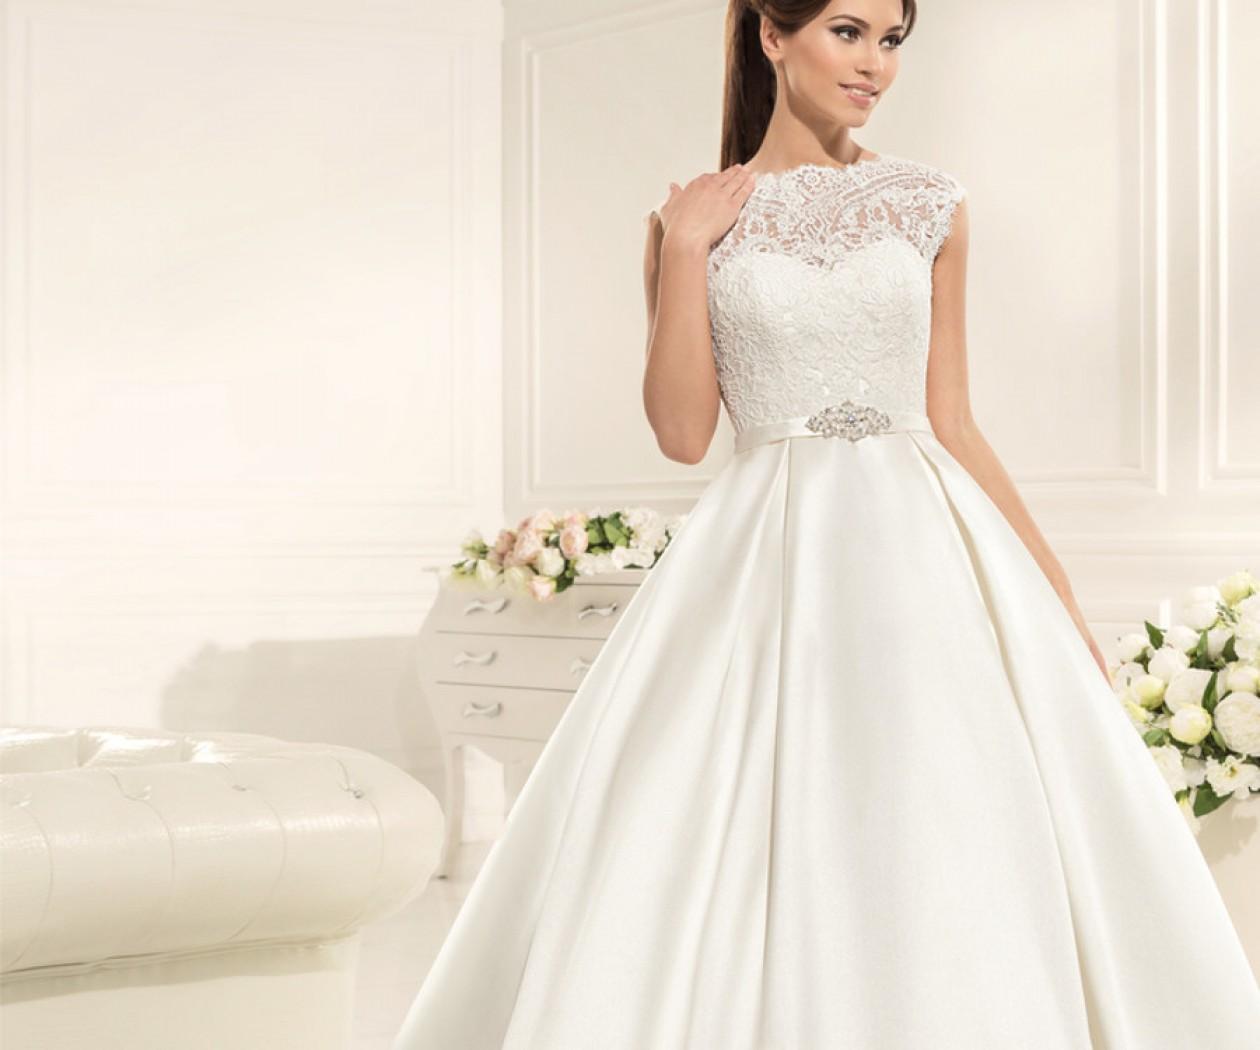 Ажурная Ткань Для Свадебного Платья